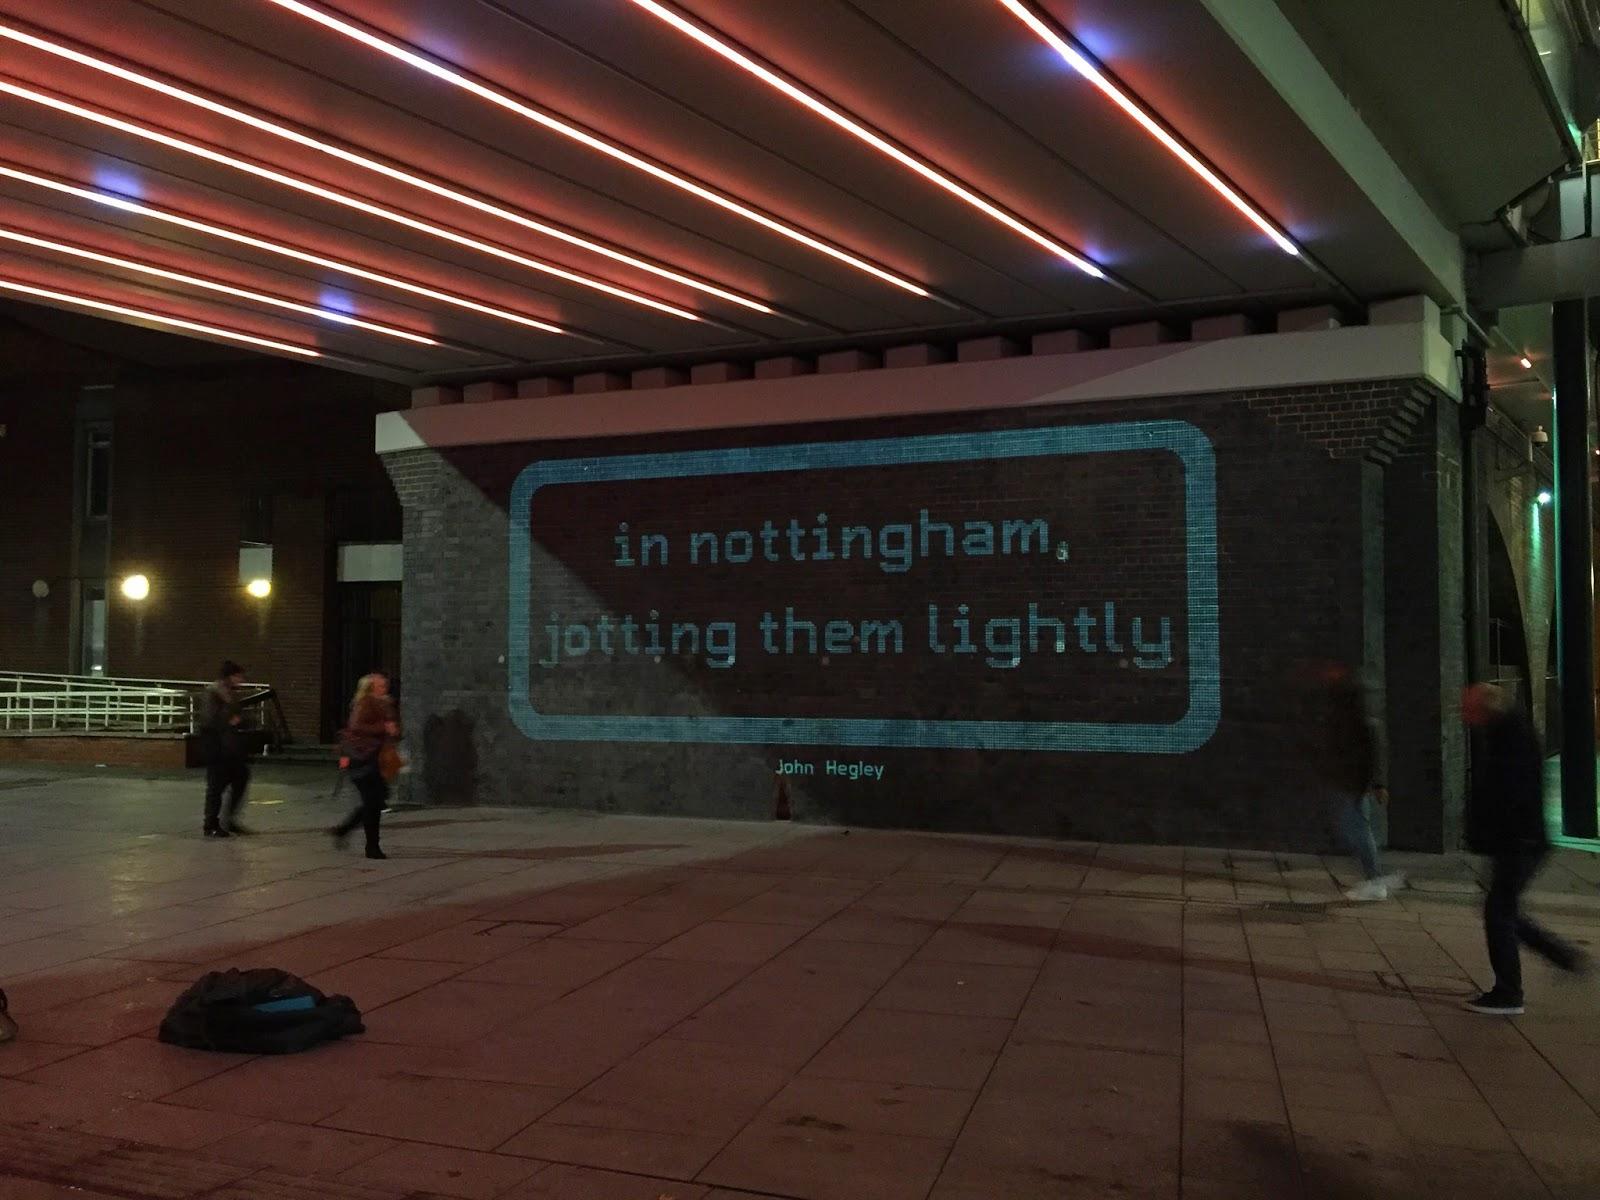 Line of Light: 'In Nottingham, jotting them lightly' - John Hegley.